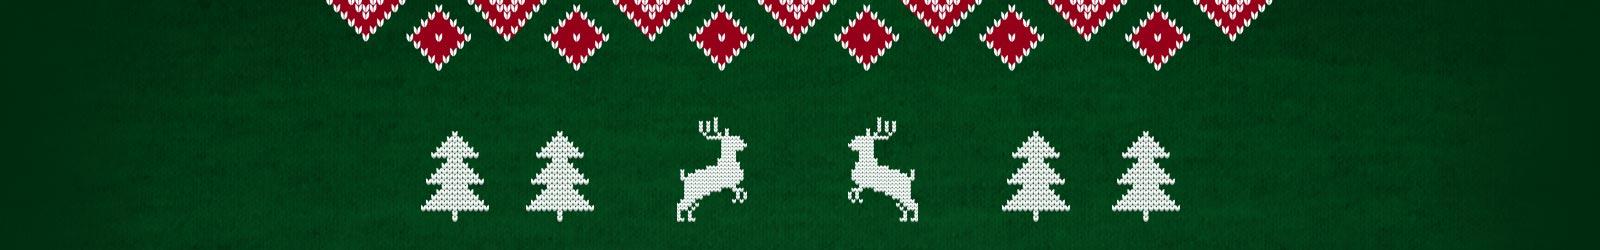 weihnachten-pullover-t-shirts-1600x250